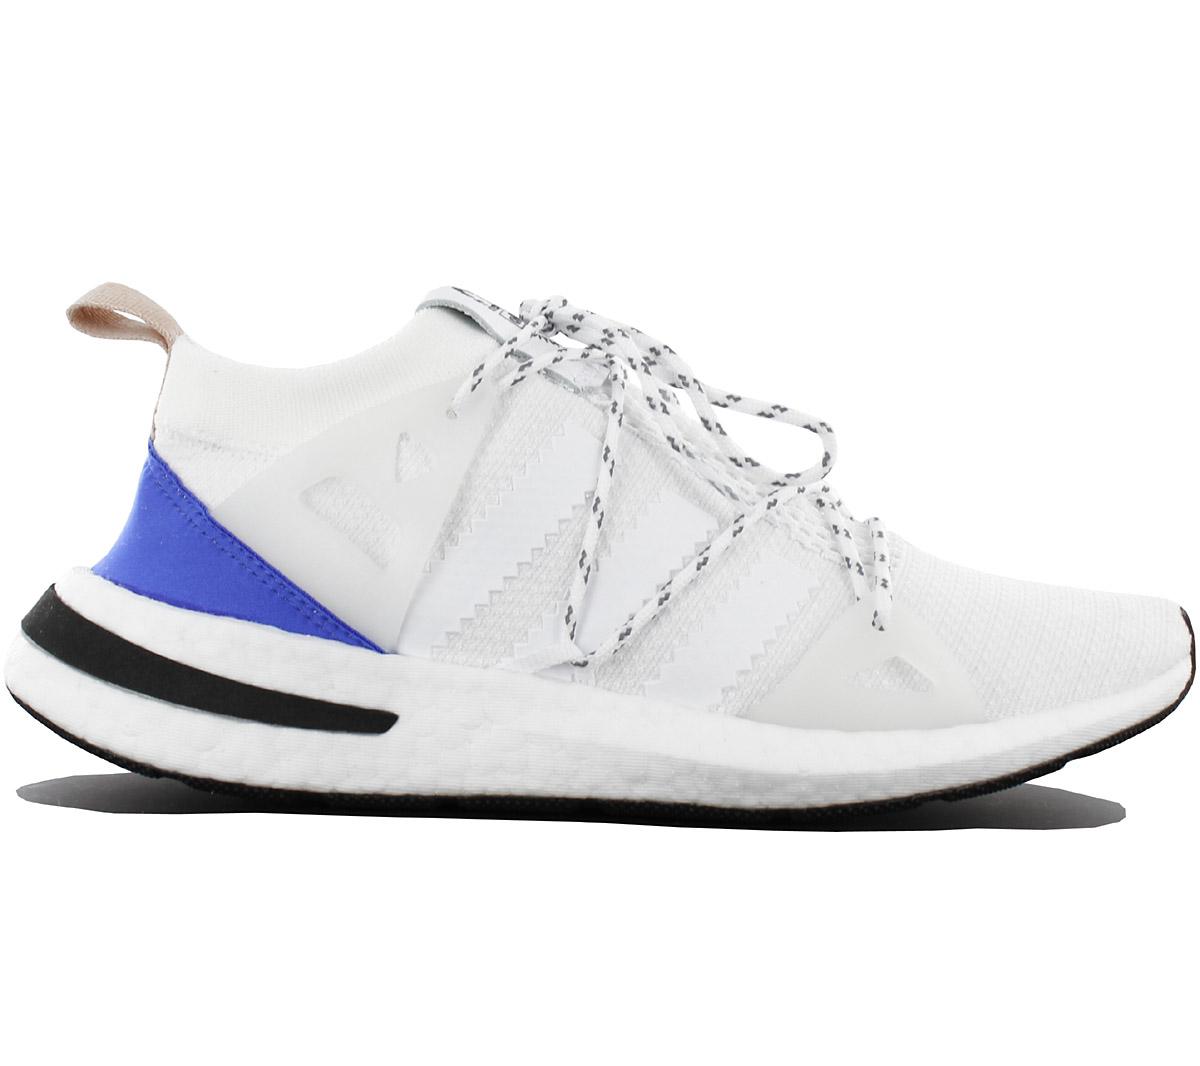 Adidas Originals arkyn W cortos señora zapatos Boost fashion zapatillas deporte de deporte zapatillas ocio c00df0